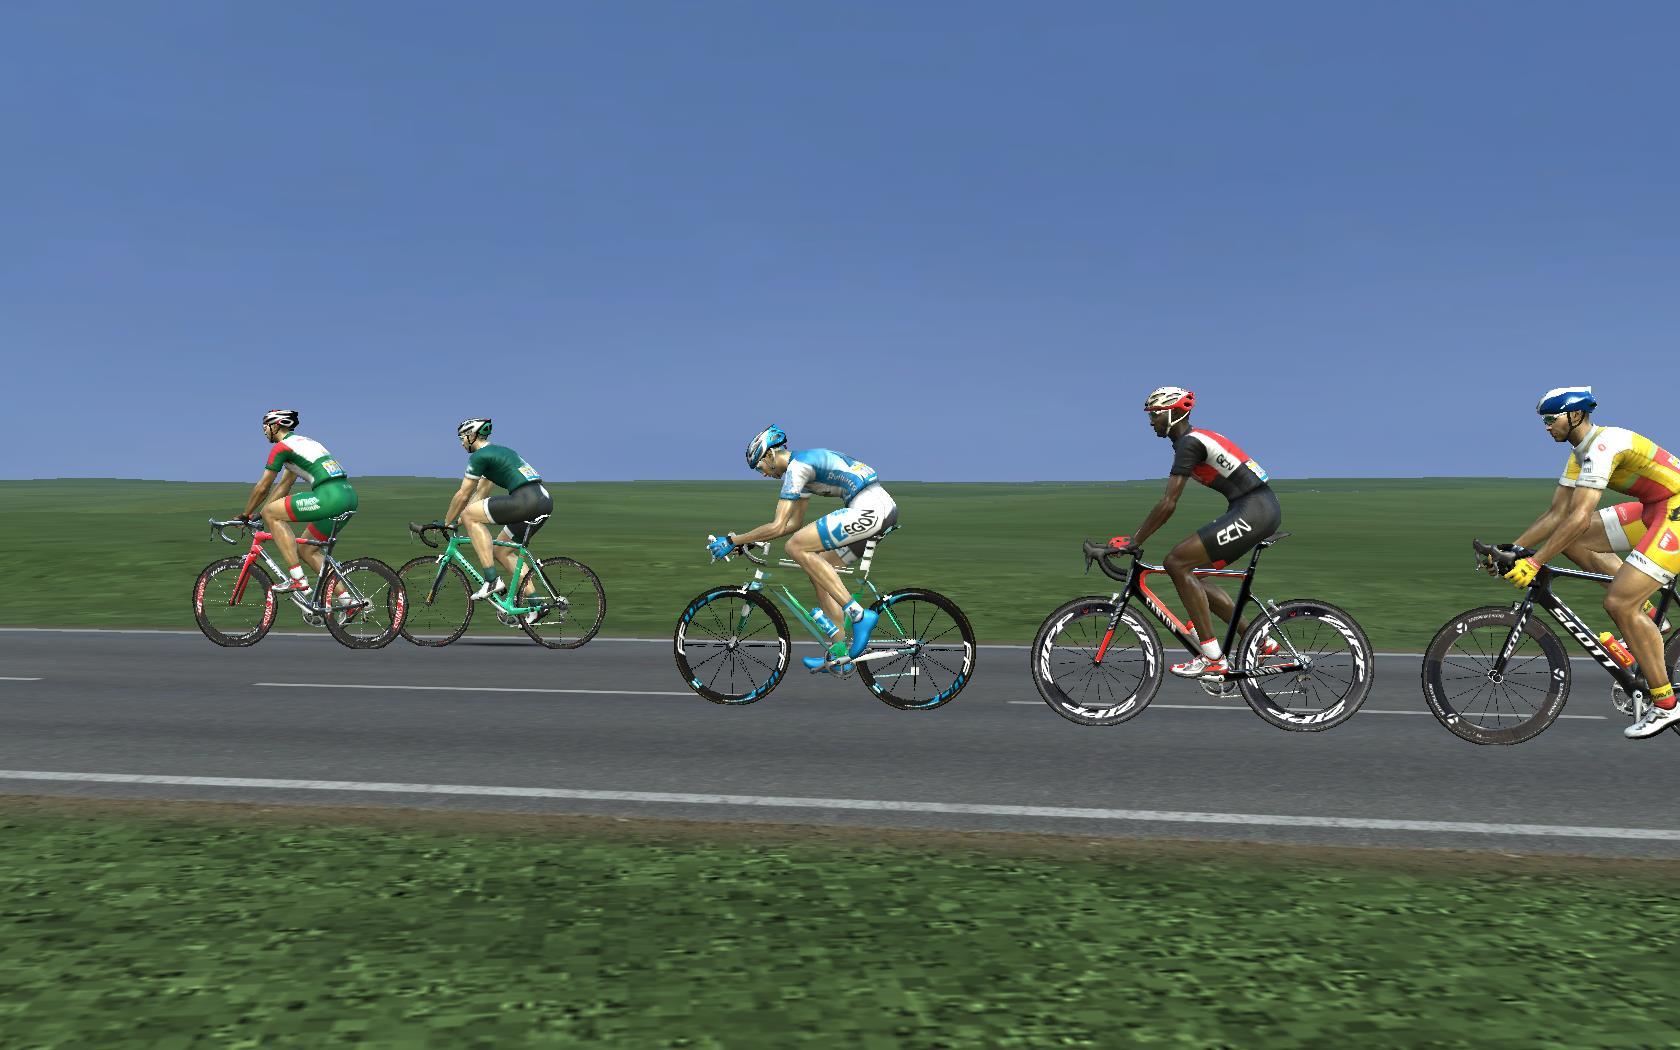 pcmdaily.com/images/mg/2018/Races/C2HC/ParisTours/PCM0009.jpg